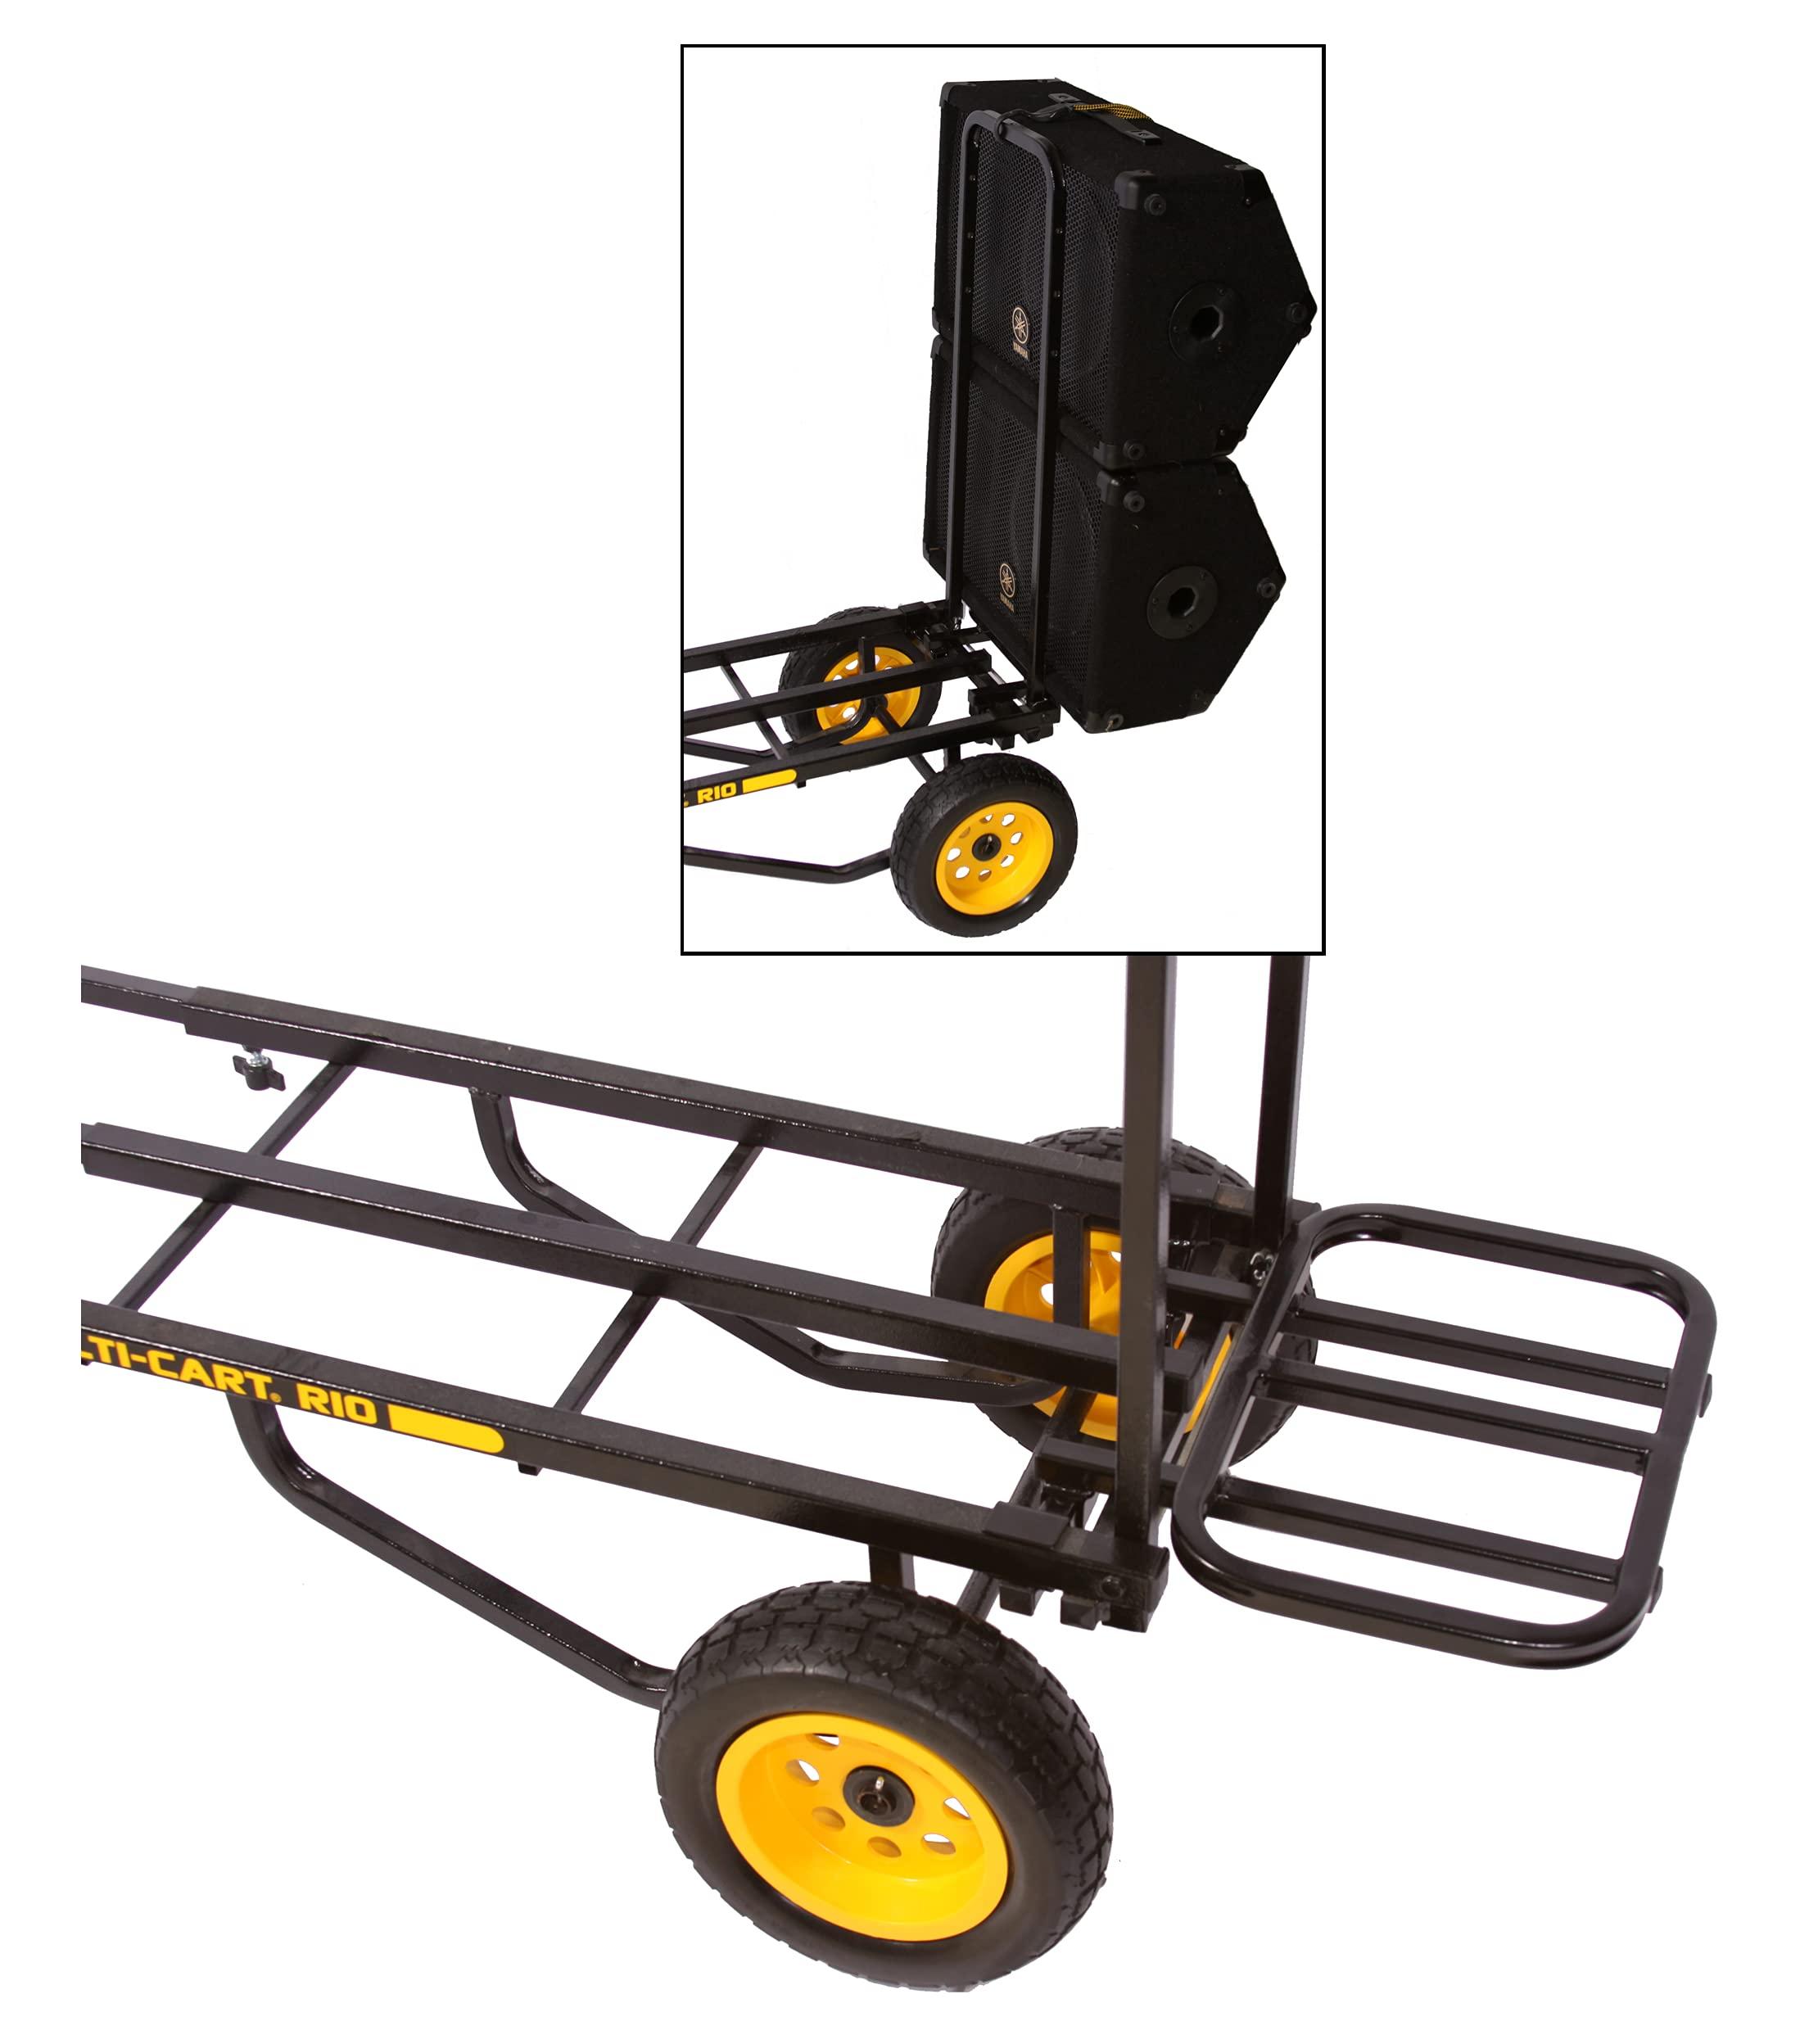 Rock-N-Roller Multi-Cart Extension Rack (RRK1)